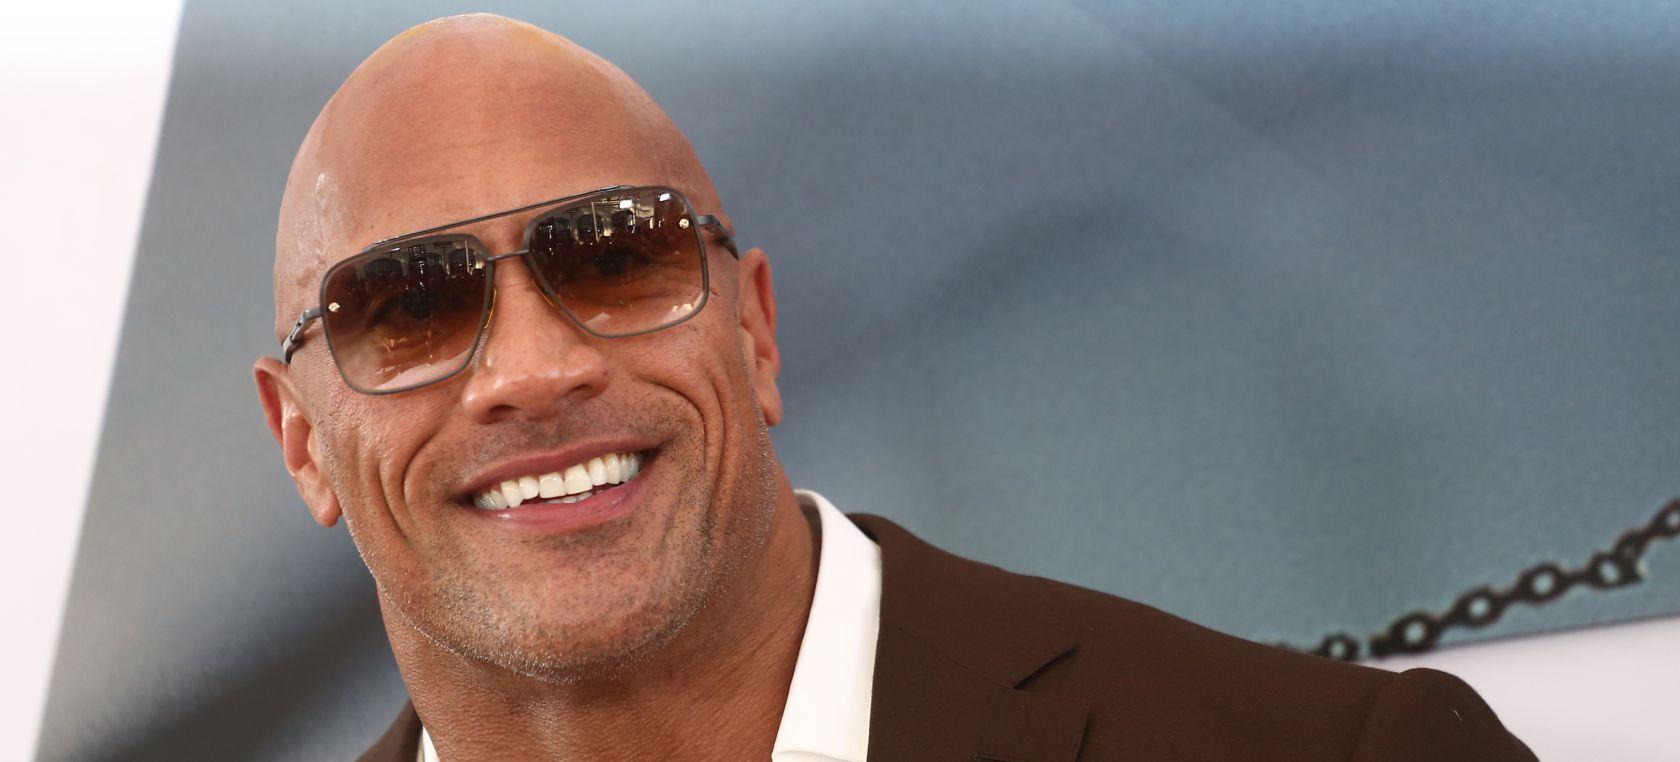 Dwayne The Rock Johnson actor mejor pagado mundo